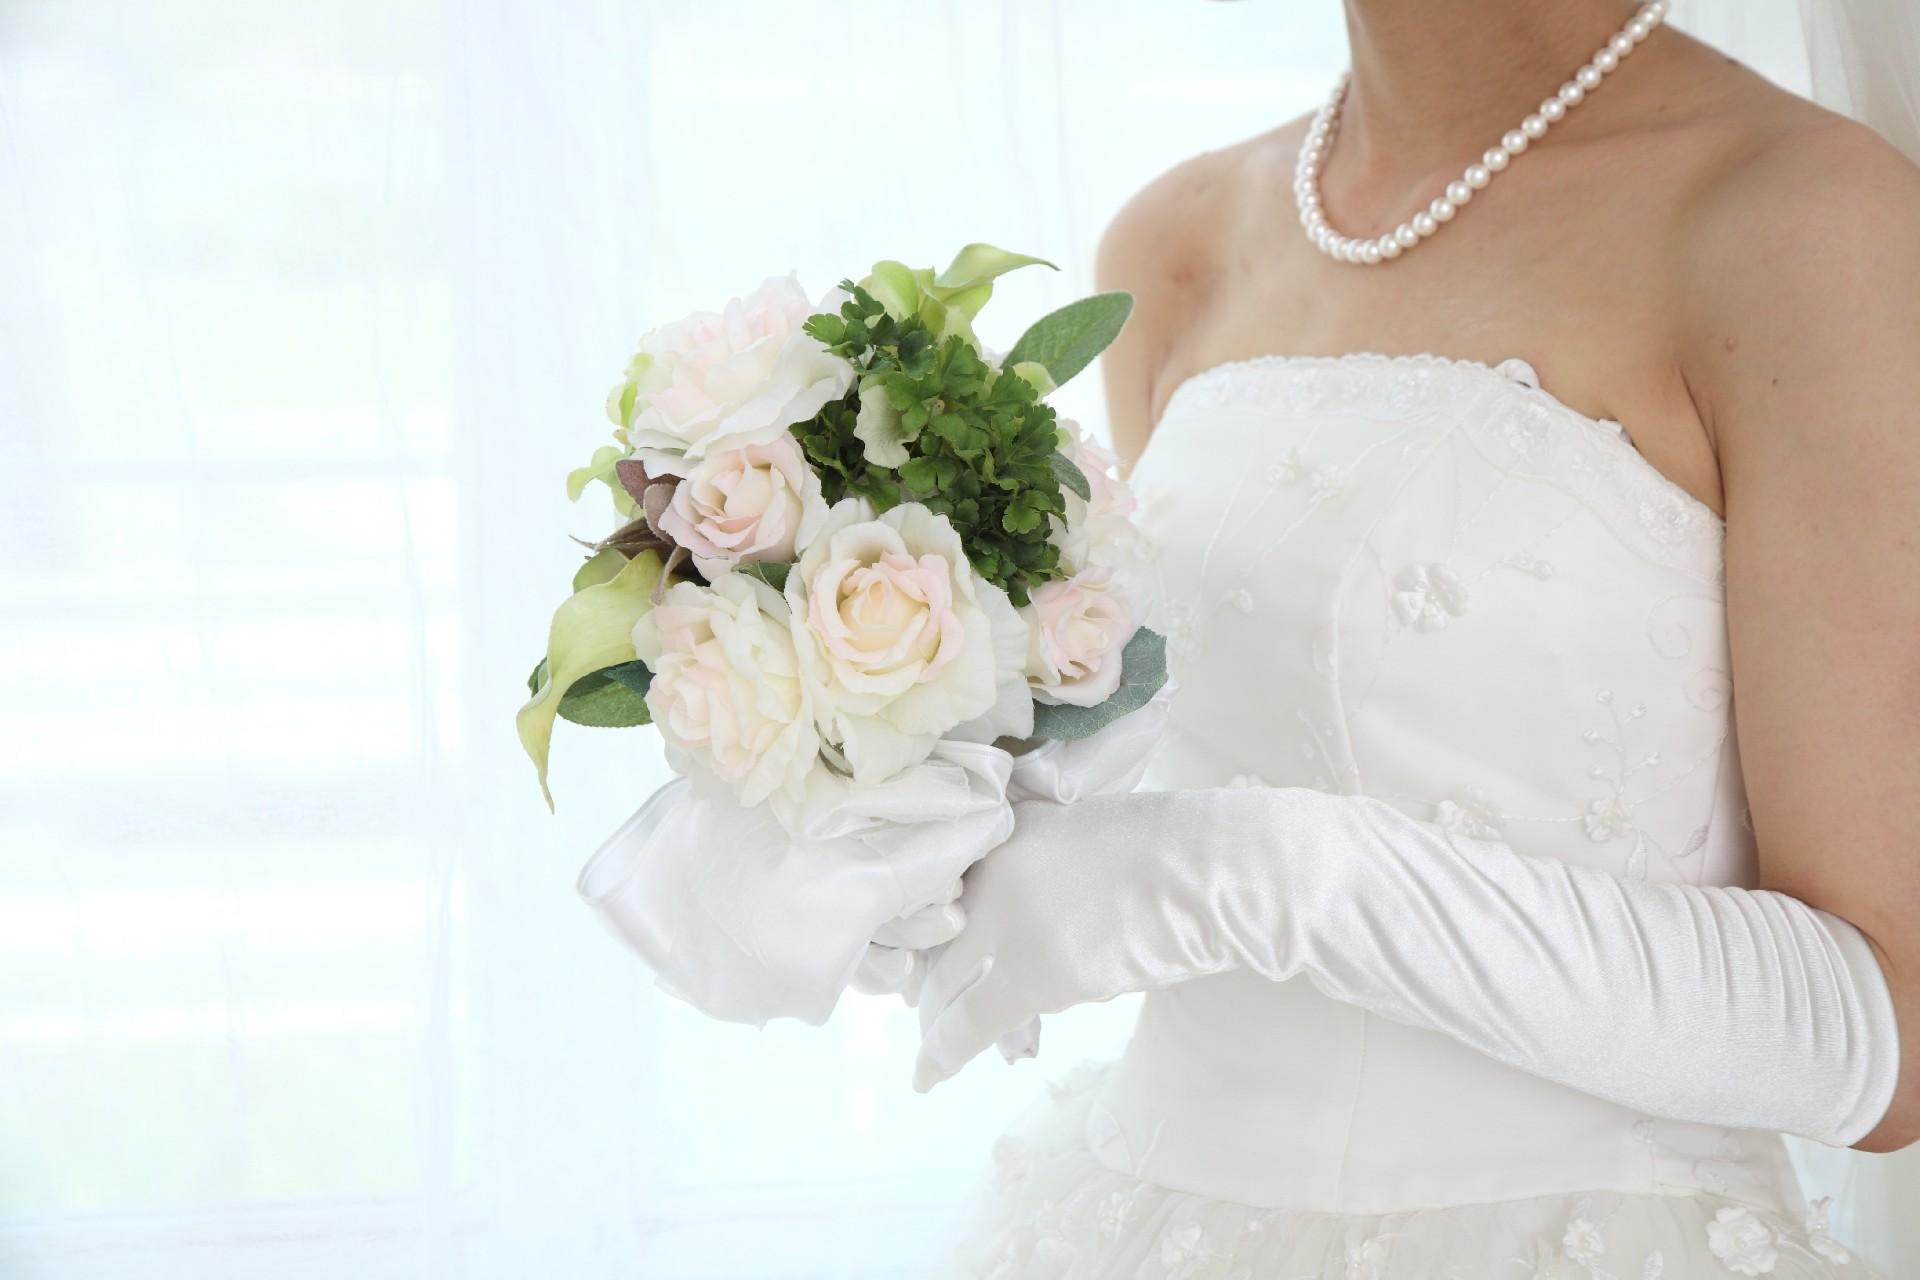 結婚式参加者必見!恥をかかない幸せマナー5選